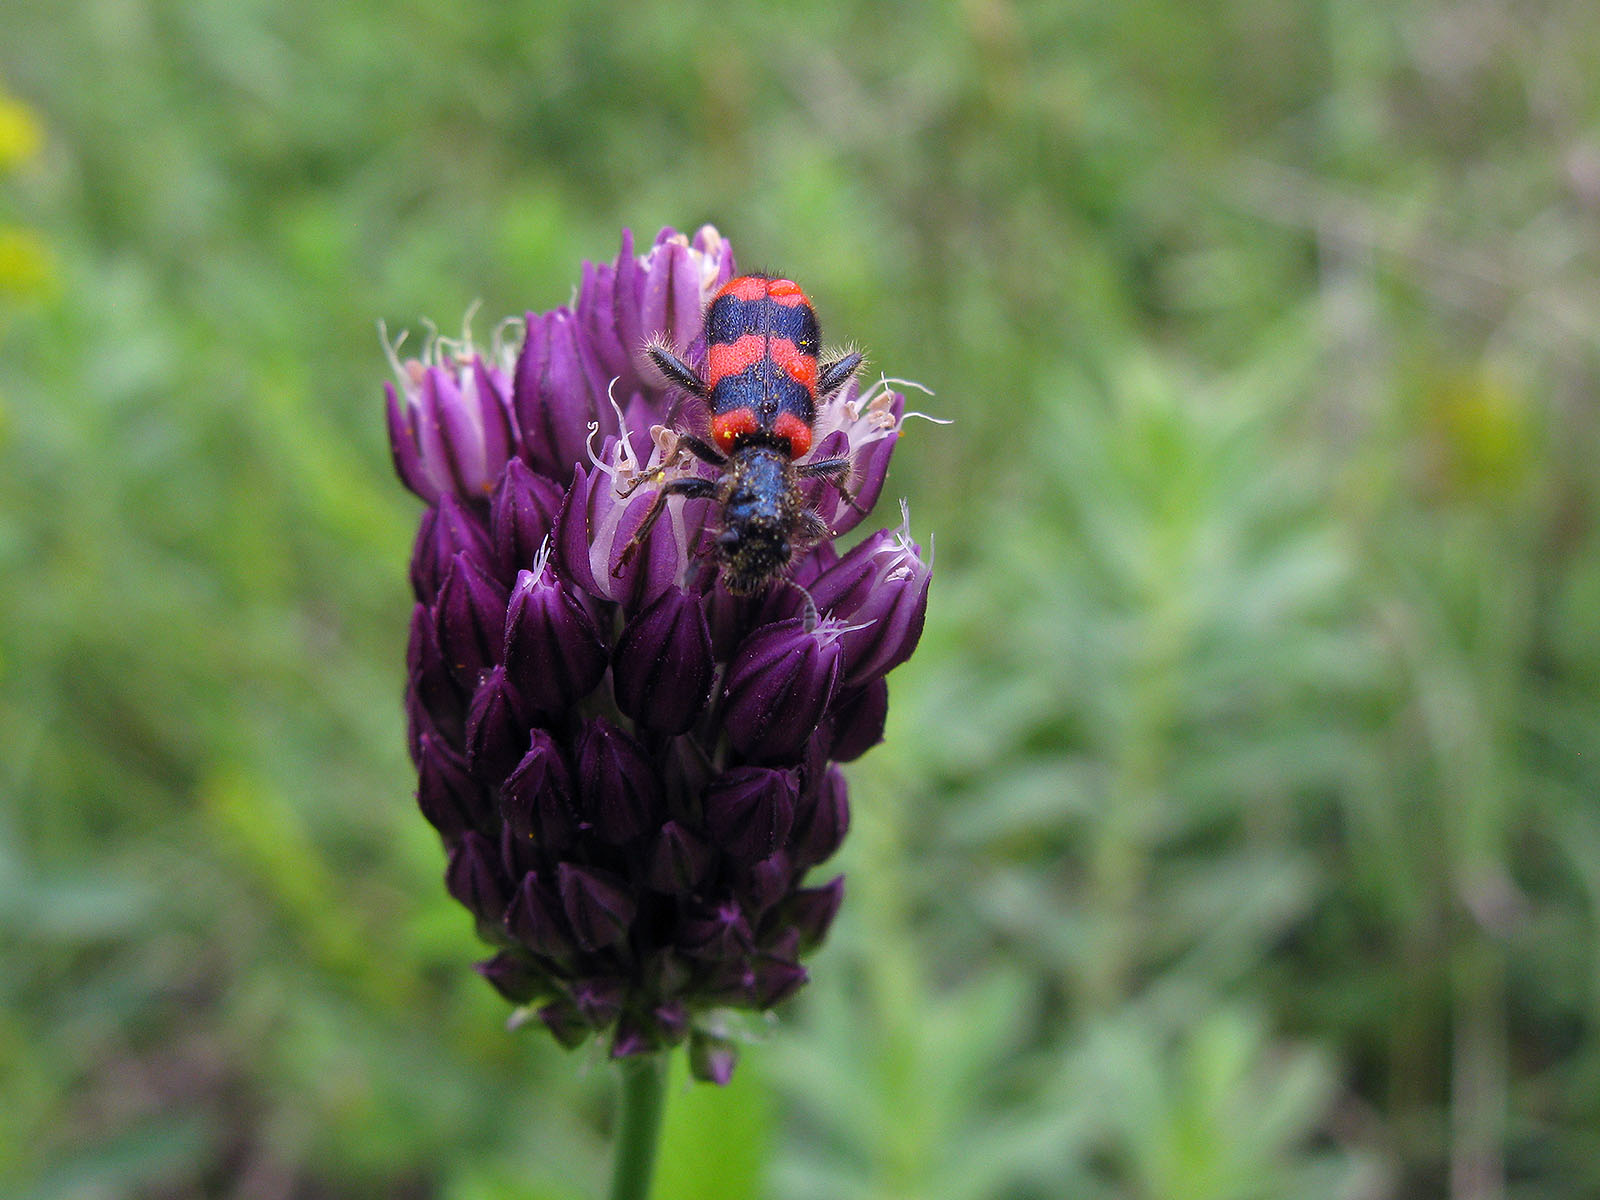 Пестряк пчелиный (Trichodes apiarius) на луке круглом (Allium rotundum). Автор фото:Ирина Уханова